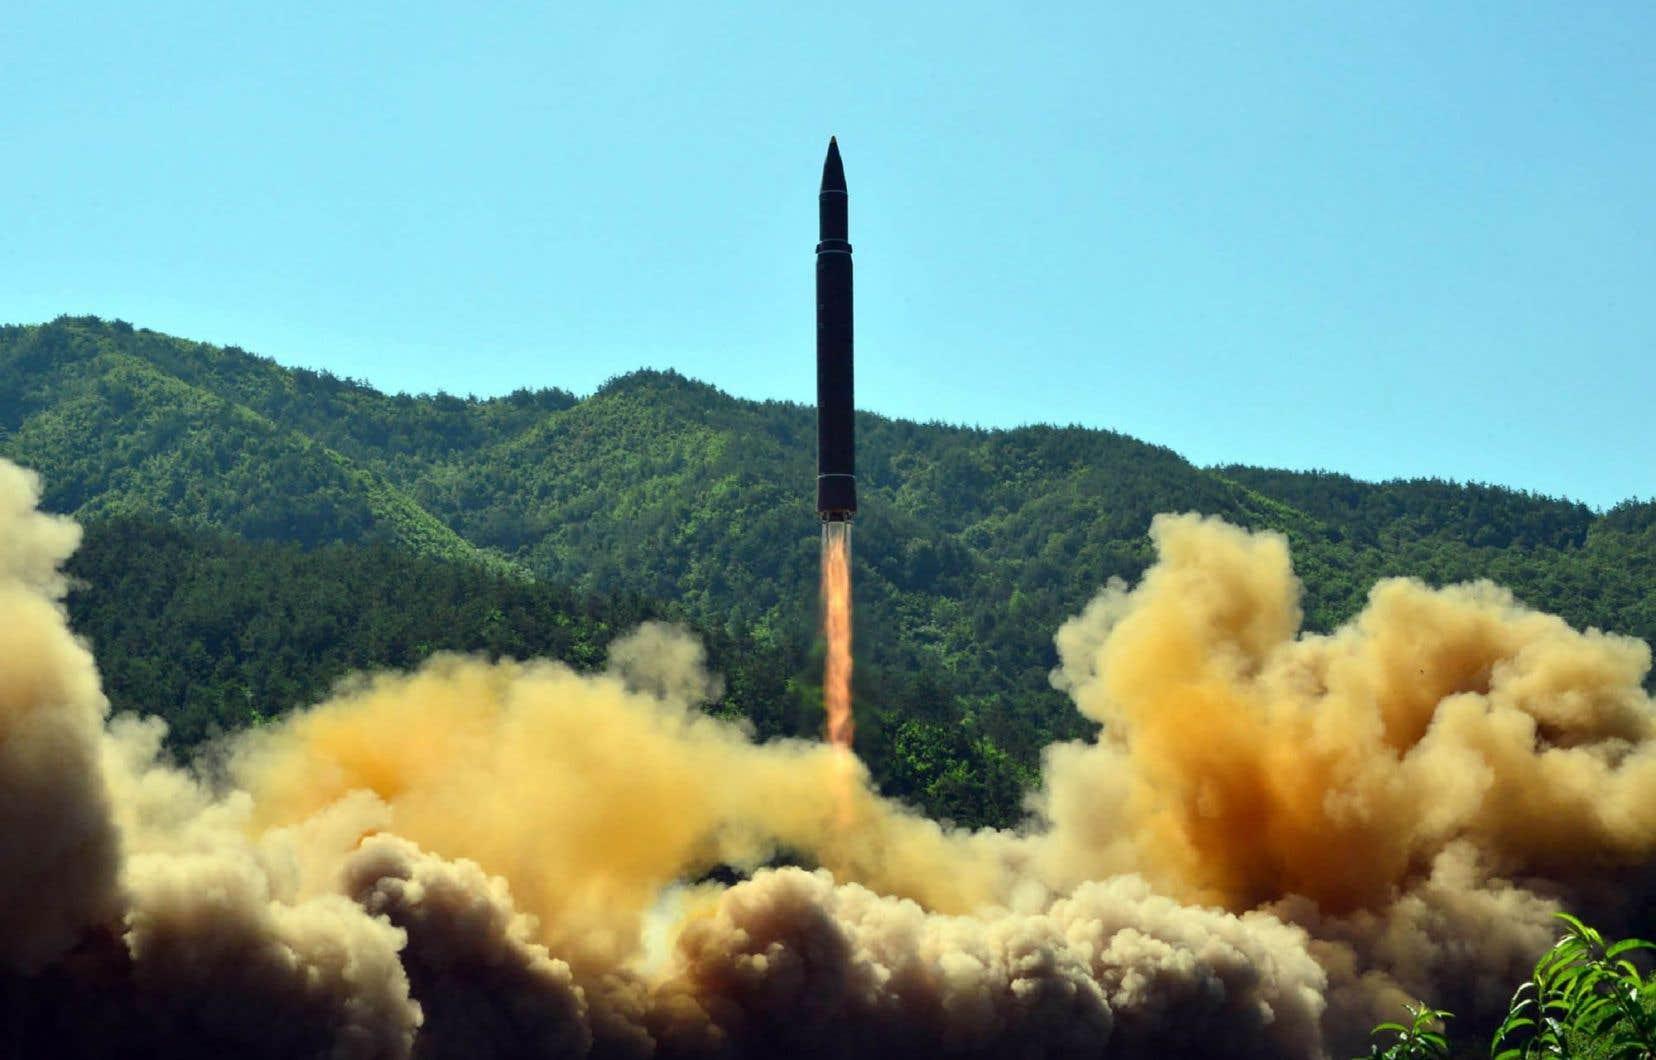 Cette photo disribuée par l'agence officielle nord-coréenne KCNA illustre le lancement réussi de mardi.